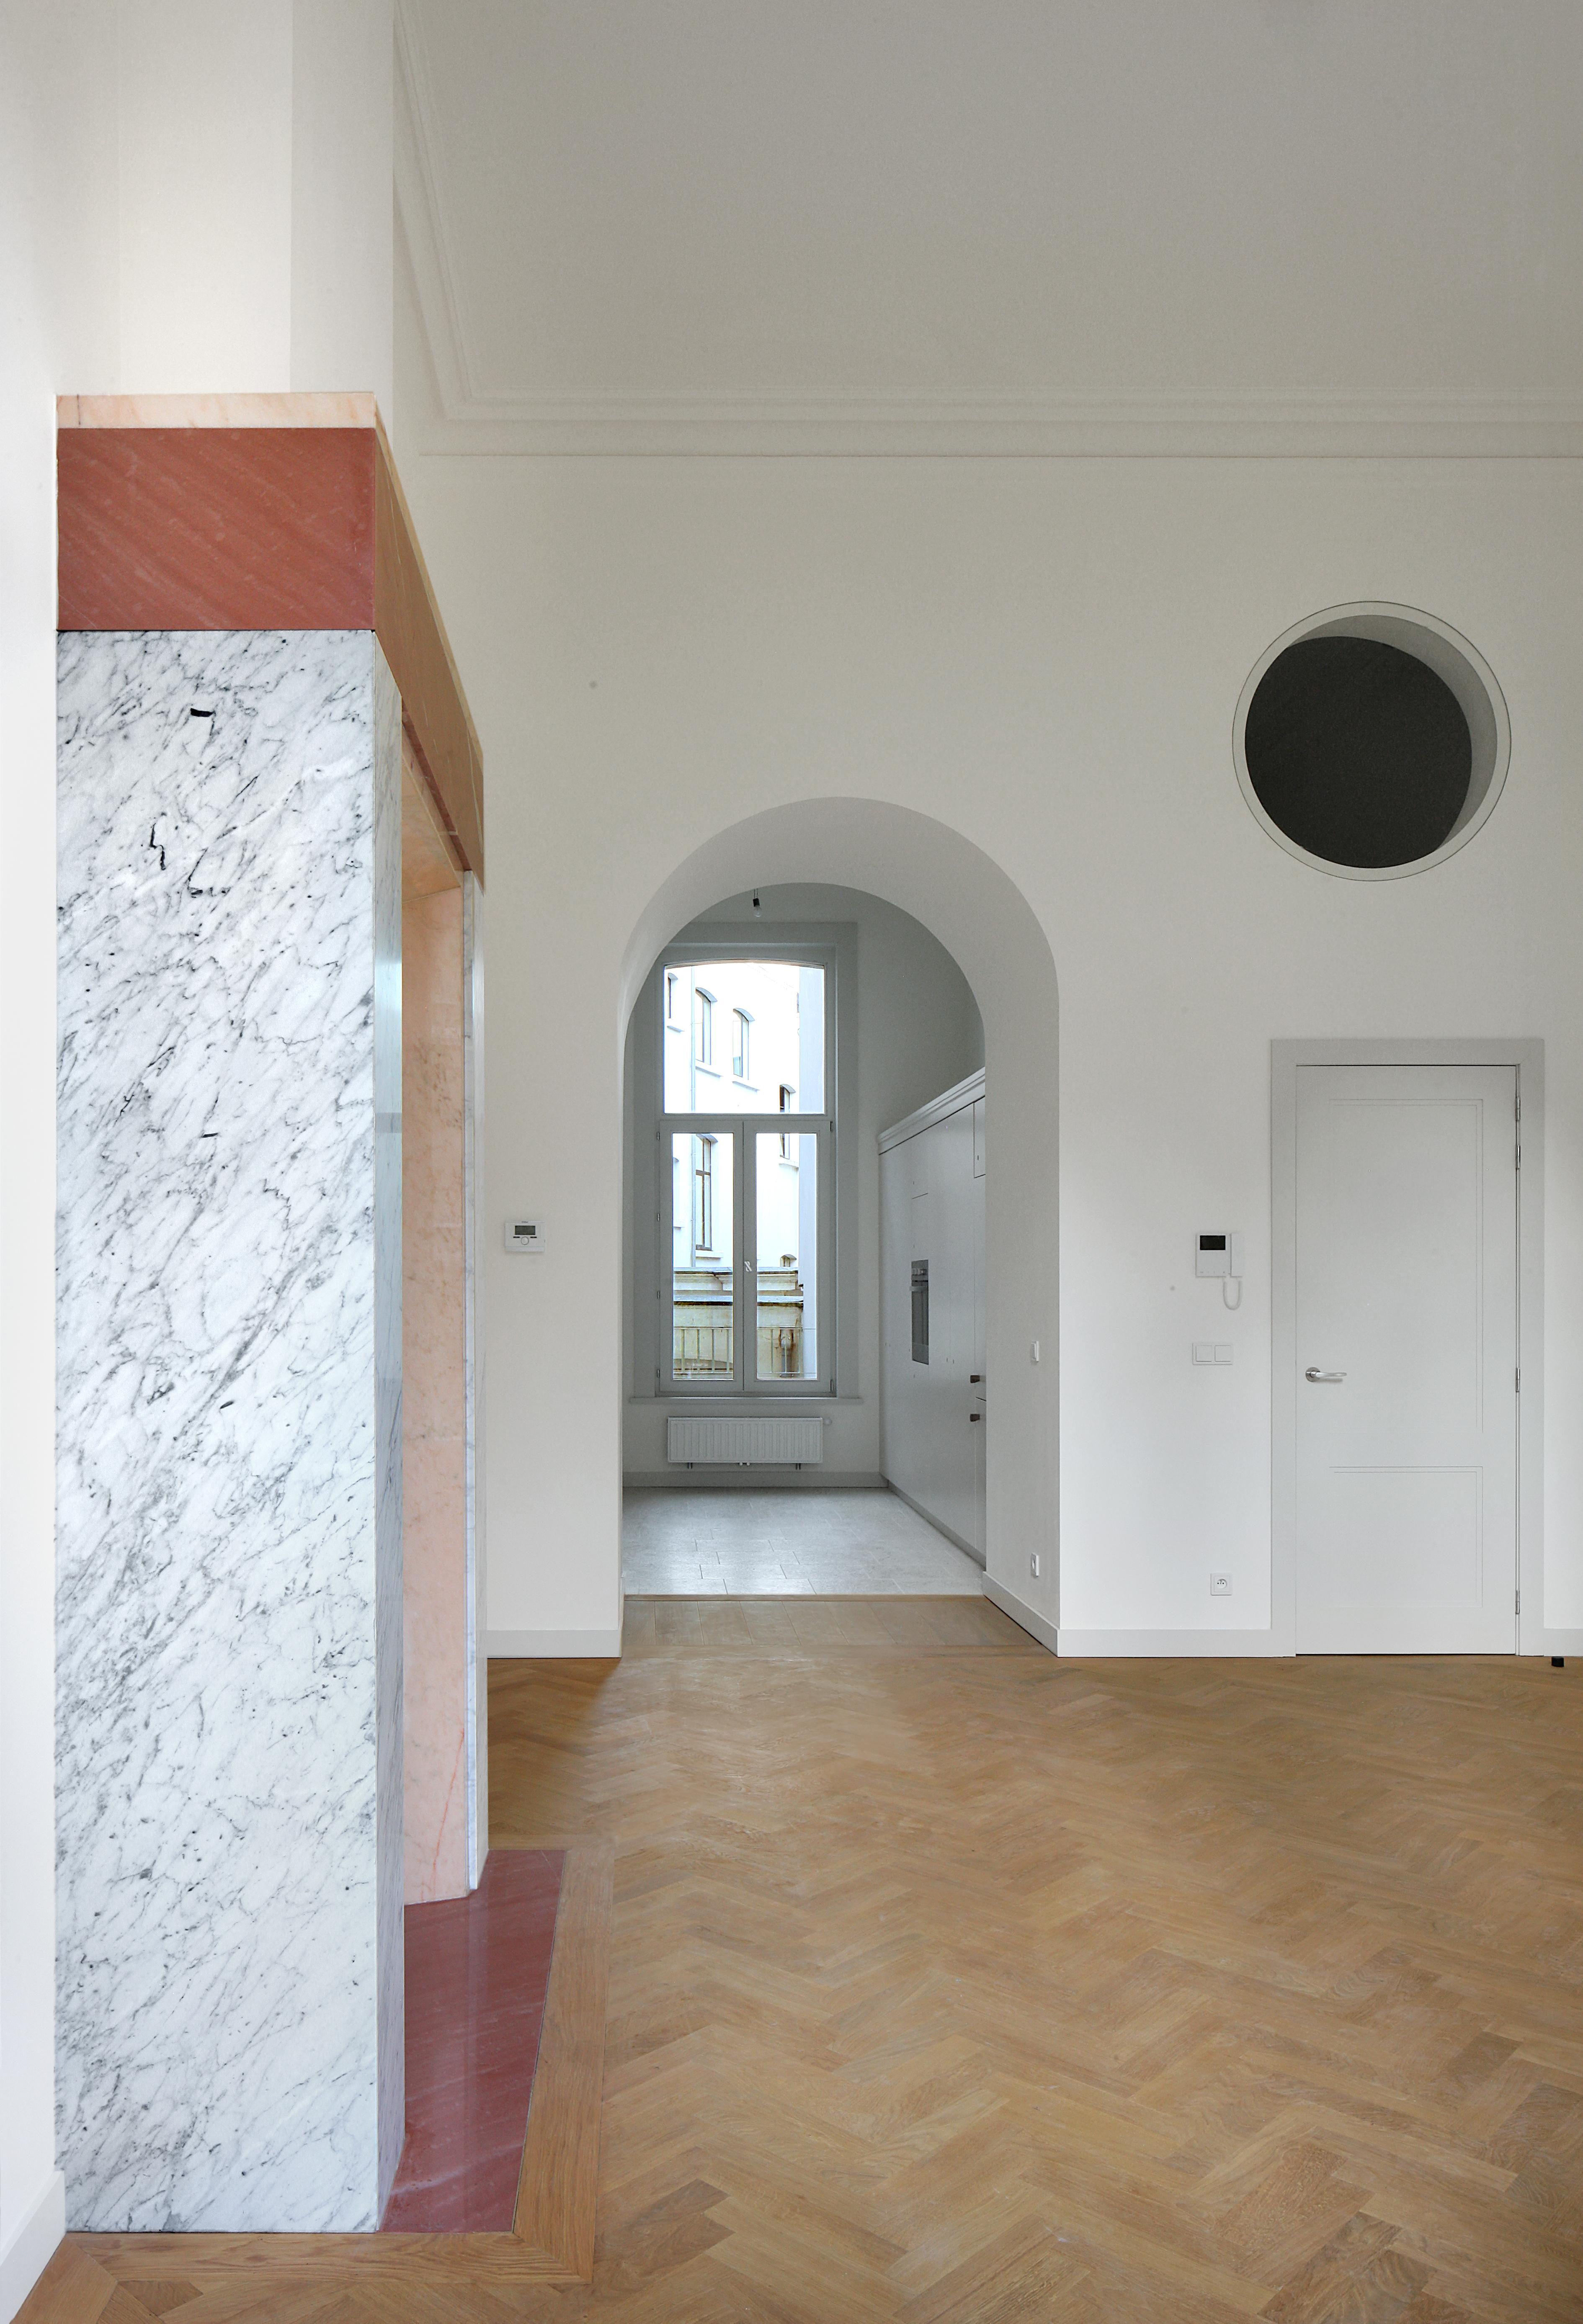 <p>Chimney door (photographer: Filip Dujardin)</p>